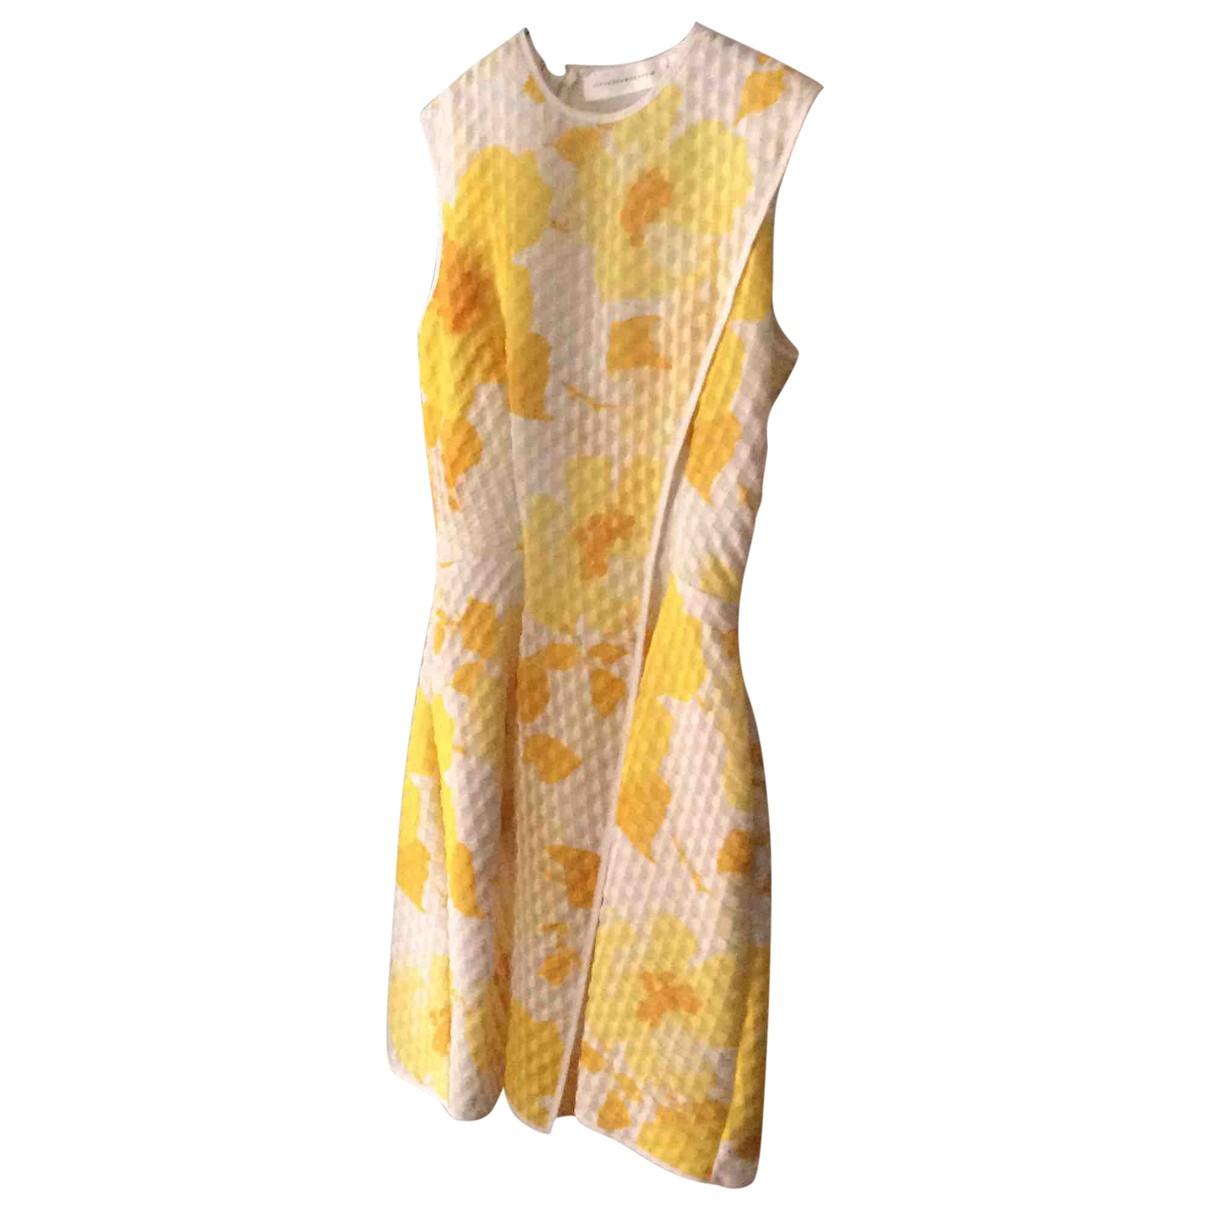 Victoria Beckham \N Kleid in  Gelb Synthetik